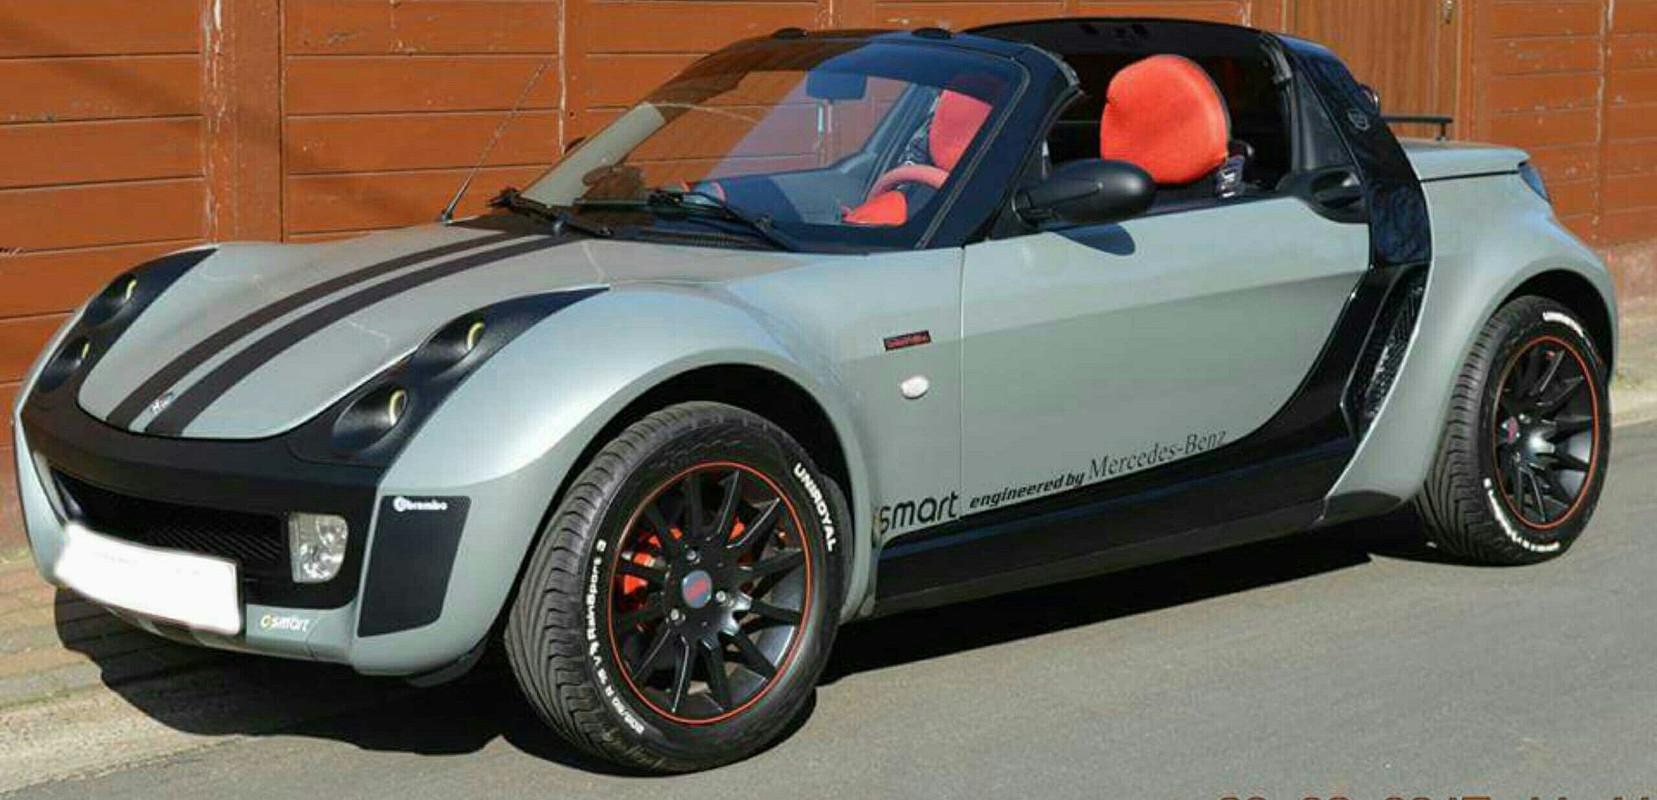 Smart-Roadster-W452-4.jpg